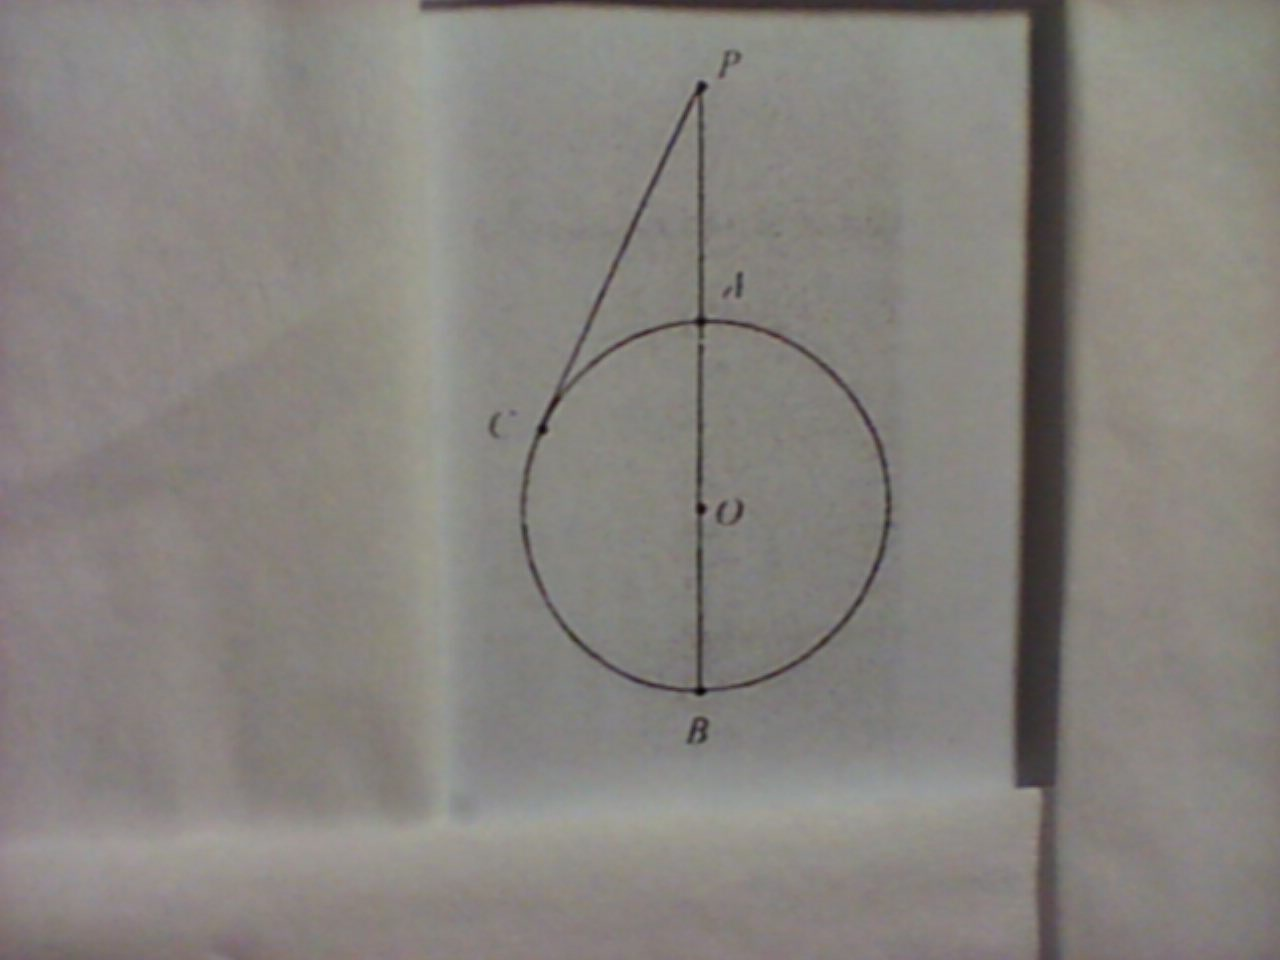 如图,若点P是⊙O外一点,则点P与⊙O的距离应定义为(        )